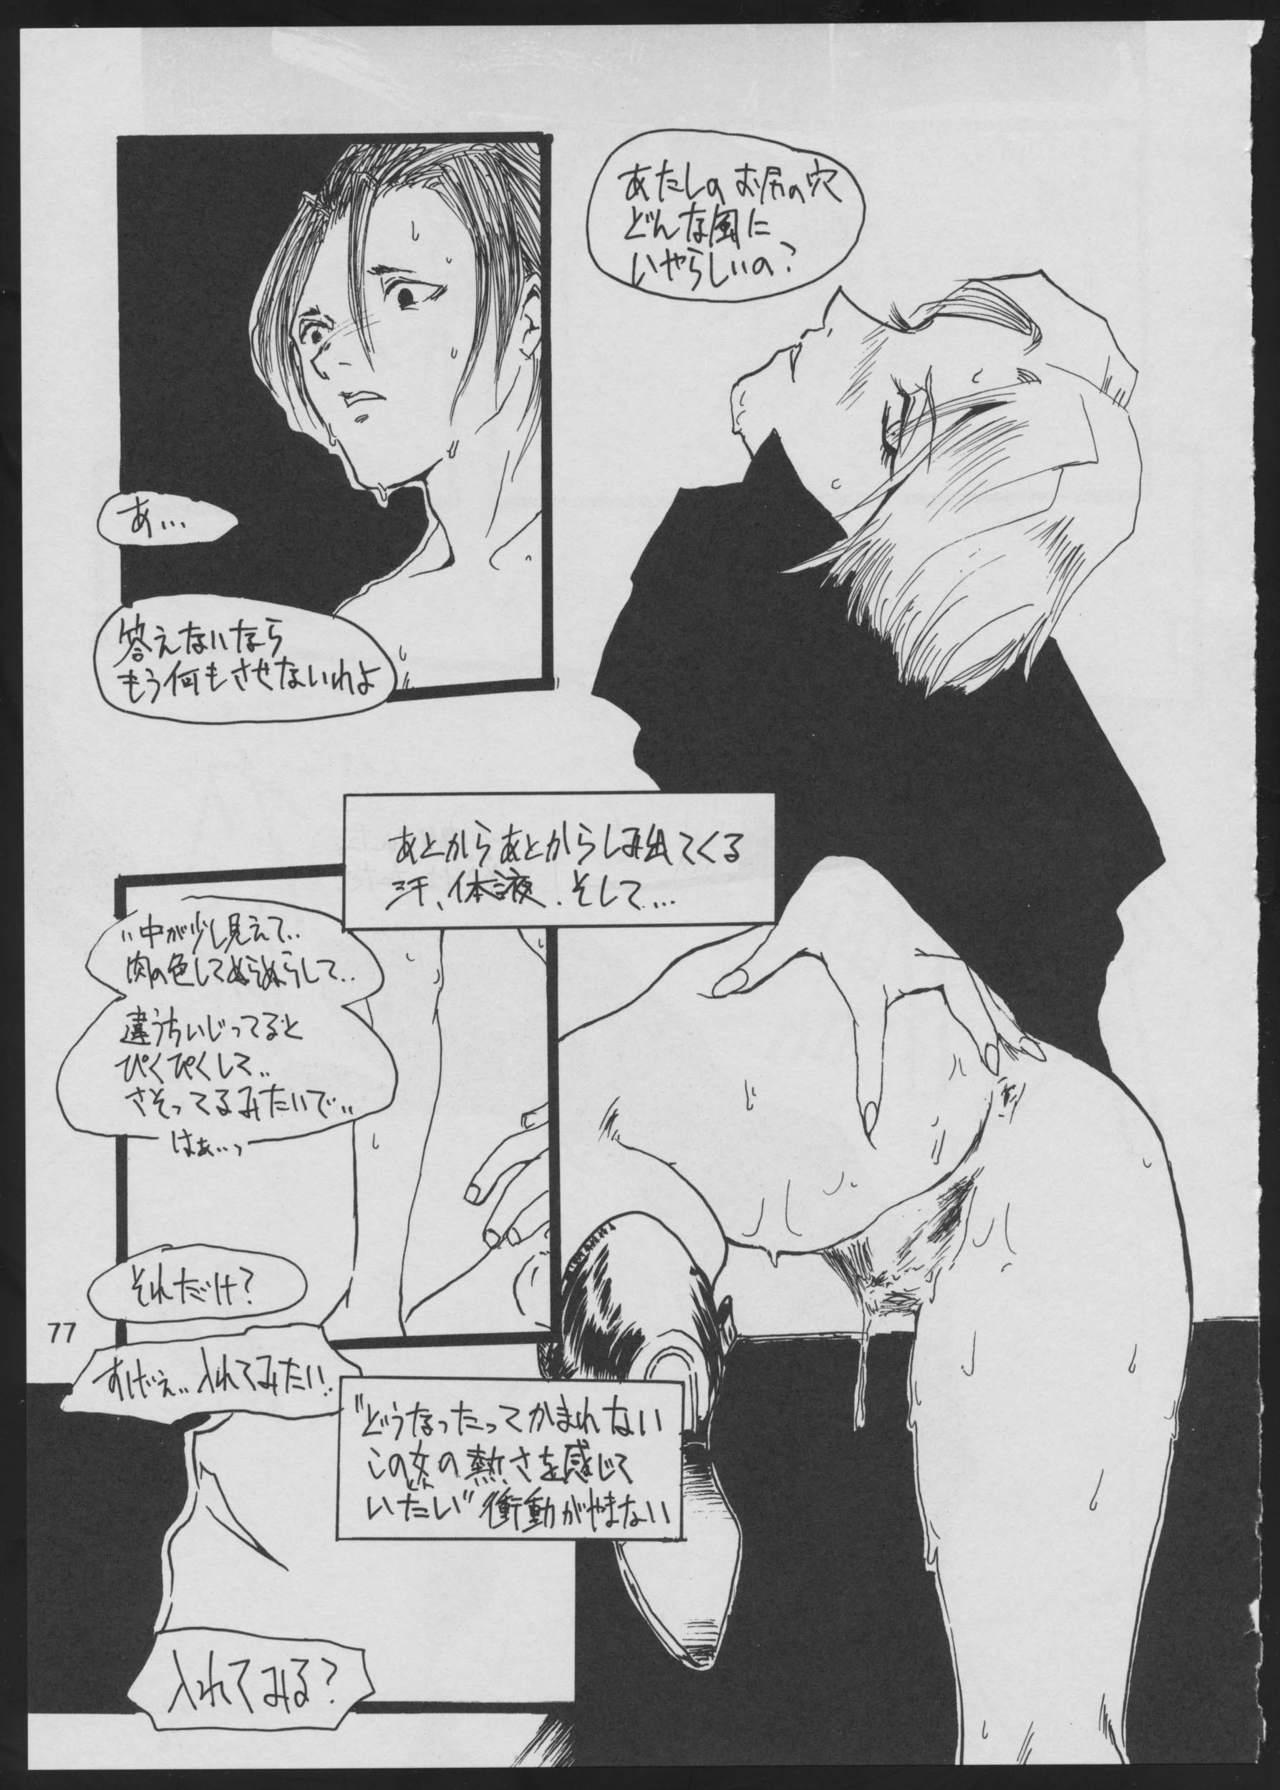 '96 Natsu no Game 18-kin Special 76